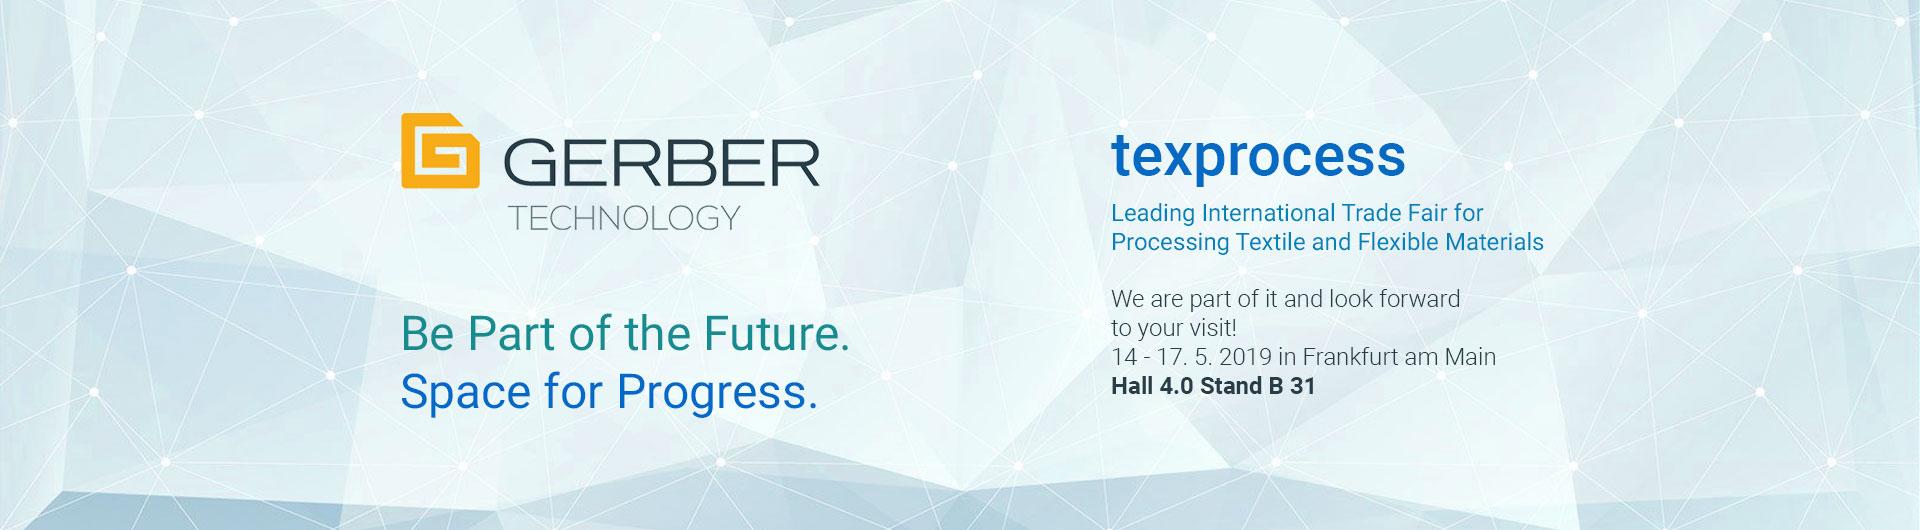 gerber technology-texprocess